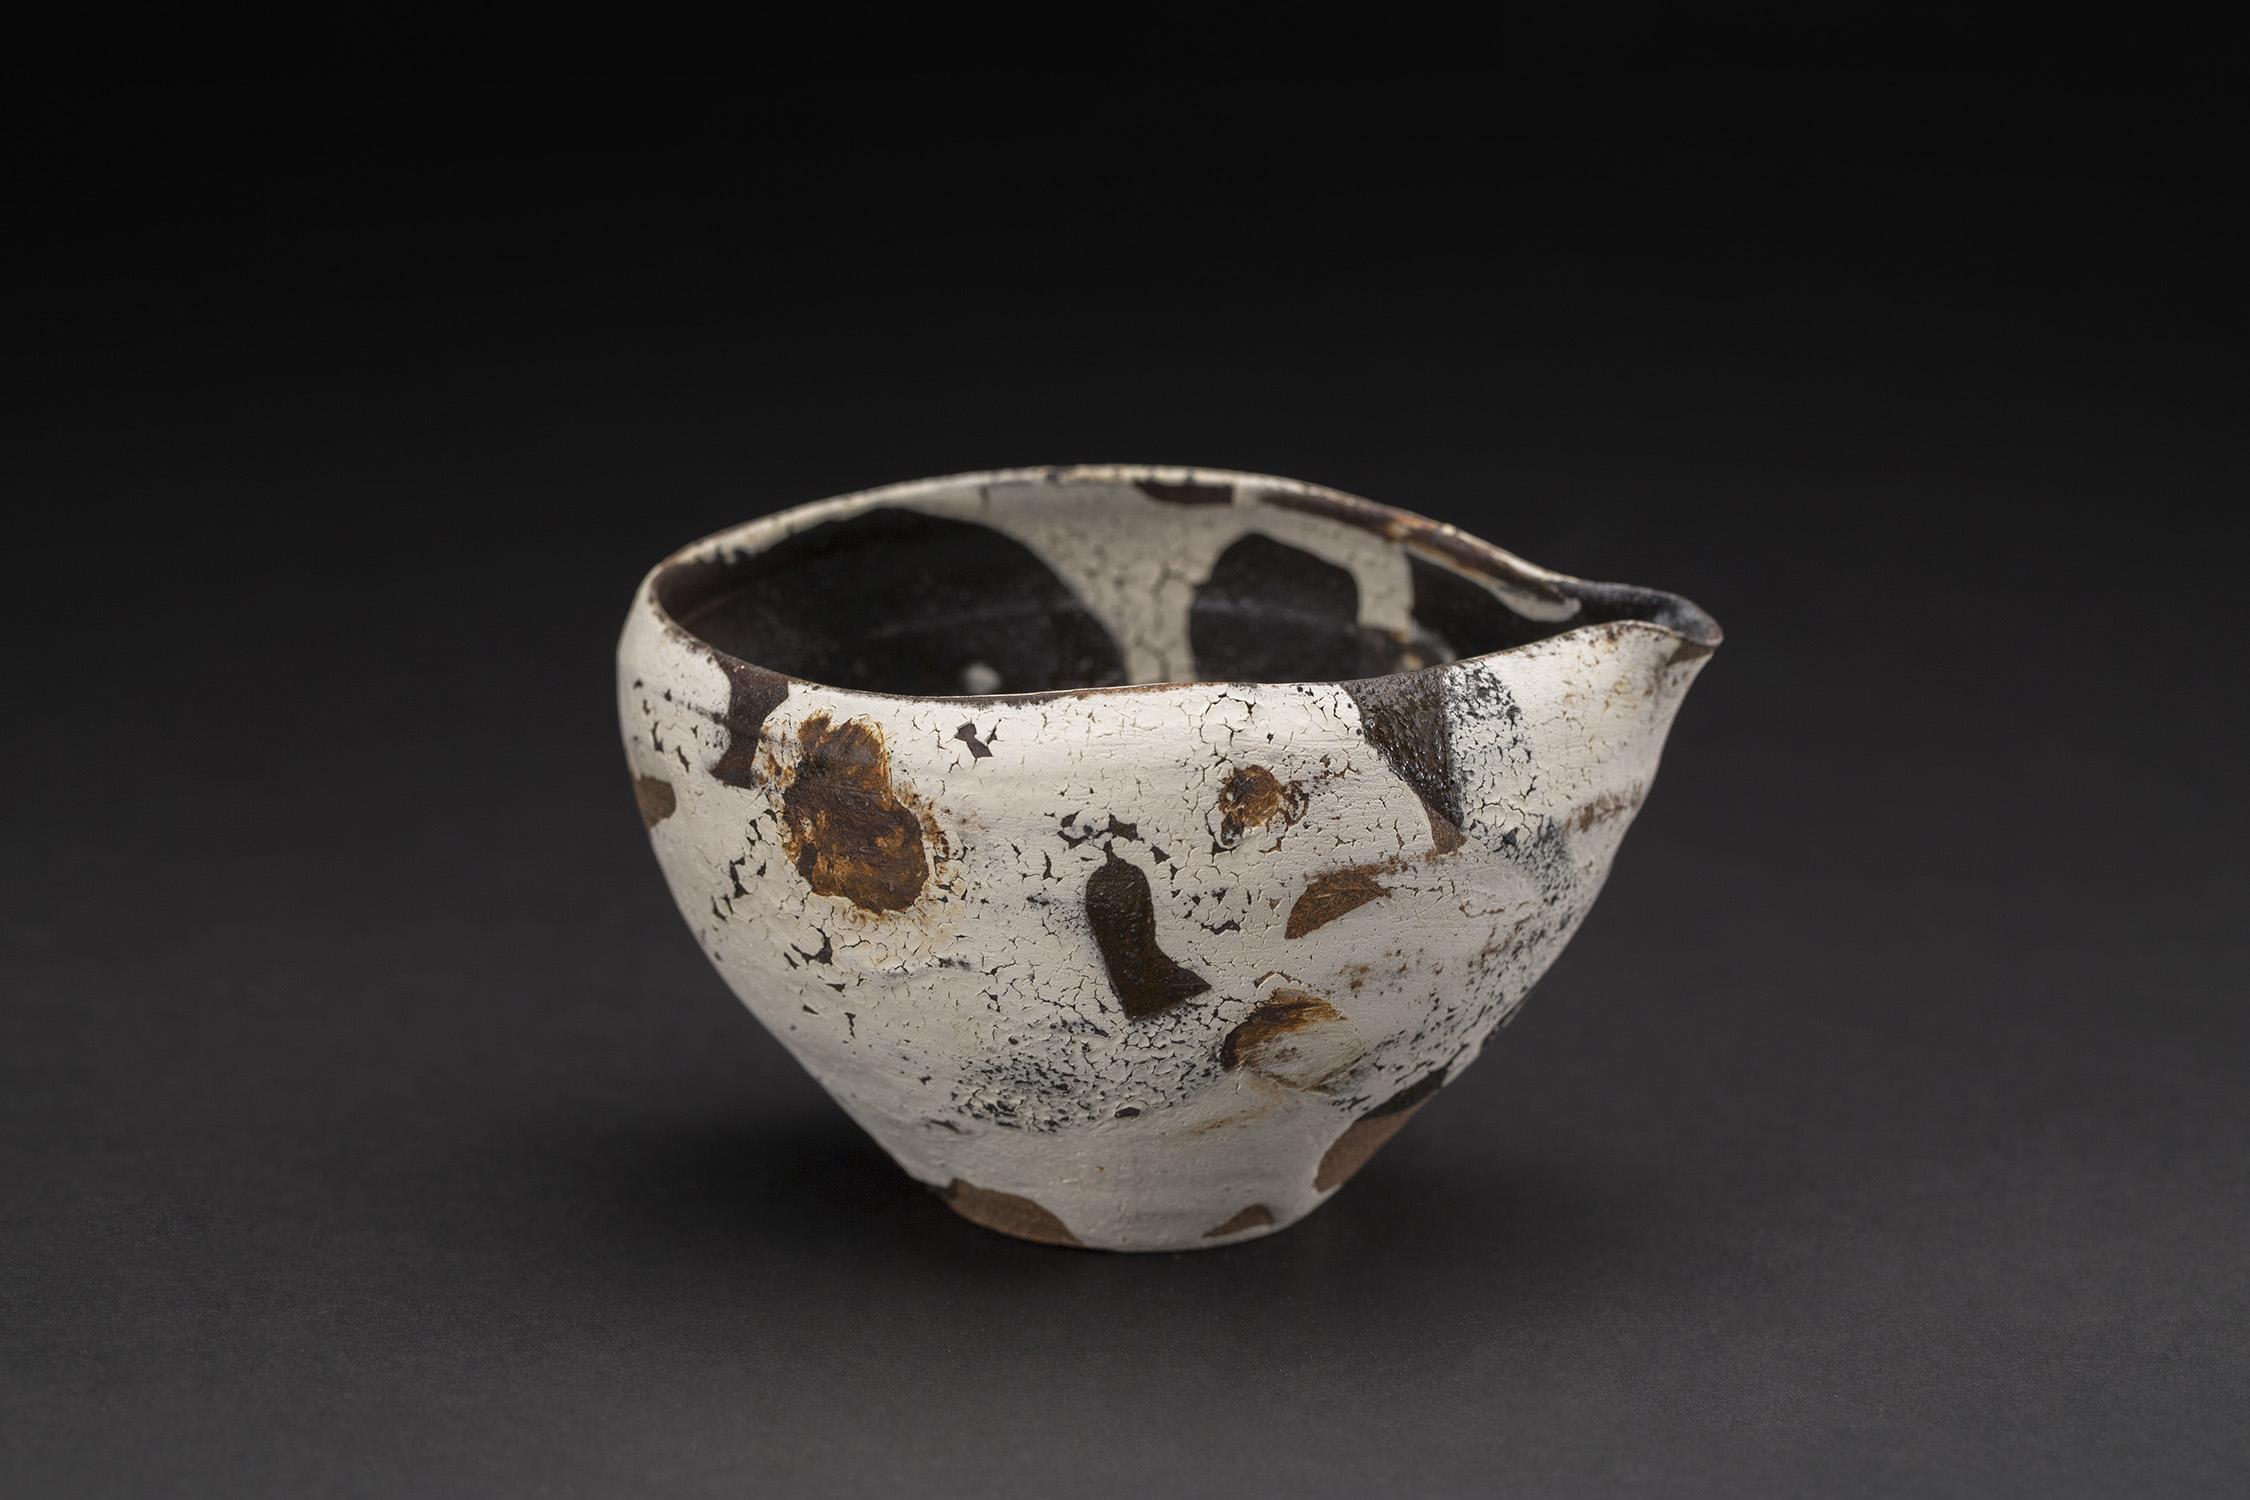 Akihiro Nikaido  Katakuchi  , 2019 Ceramic 2.75 x 4.75 x 3.75 inches 7 x 12.1 x 9.5 cm ANk 83